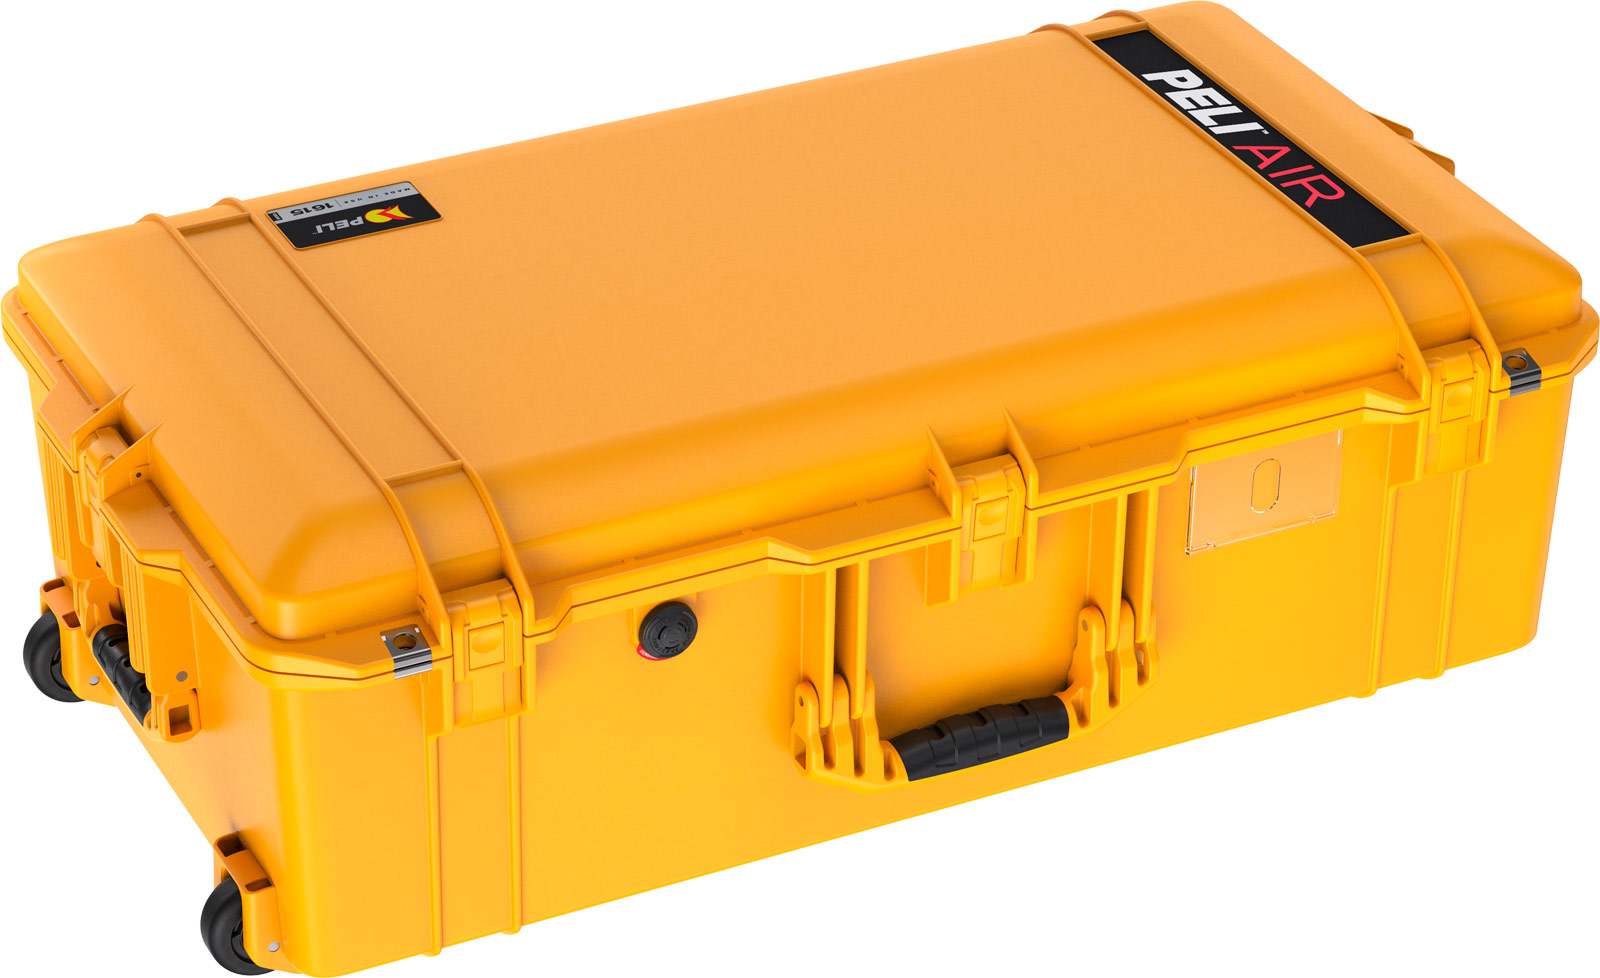 peli 1615 air case yellow camera cases